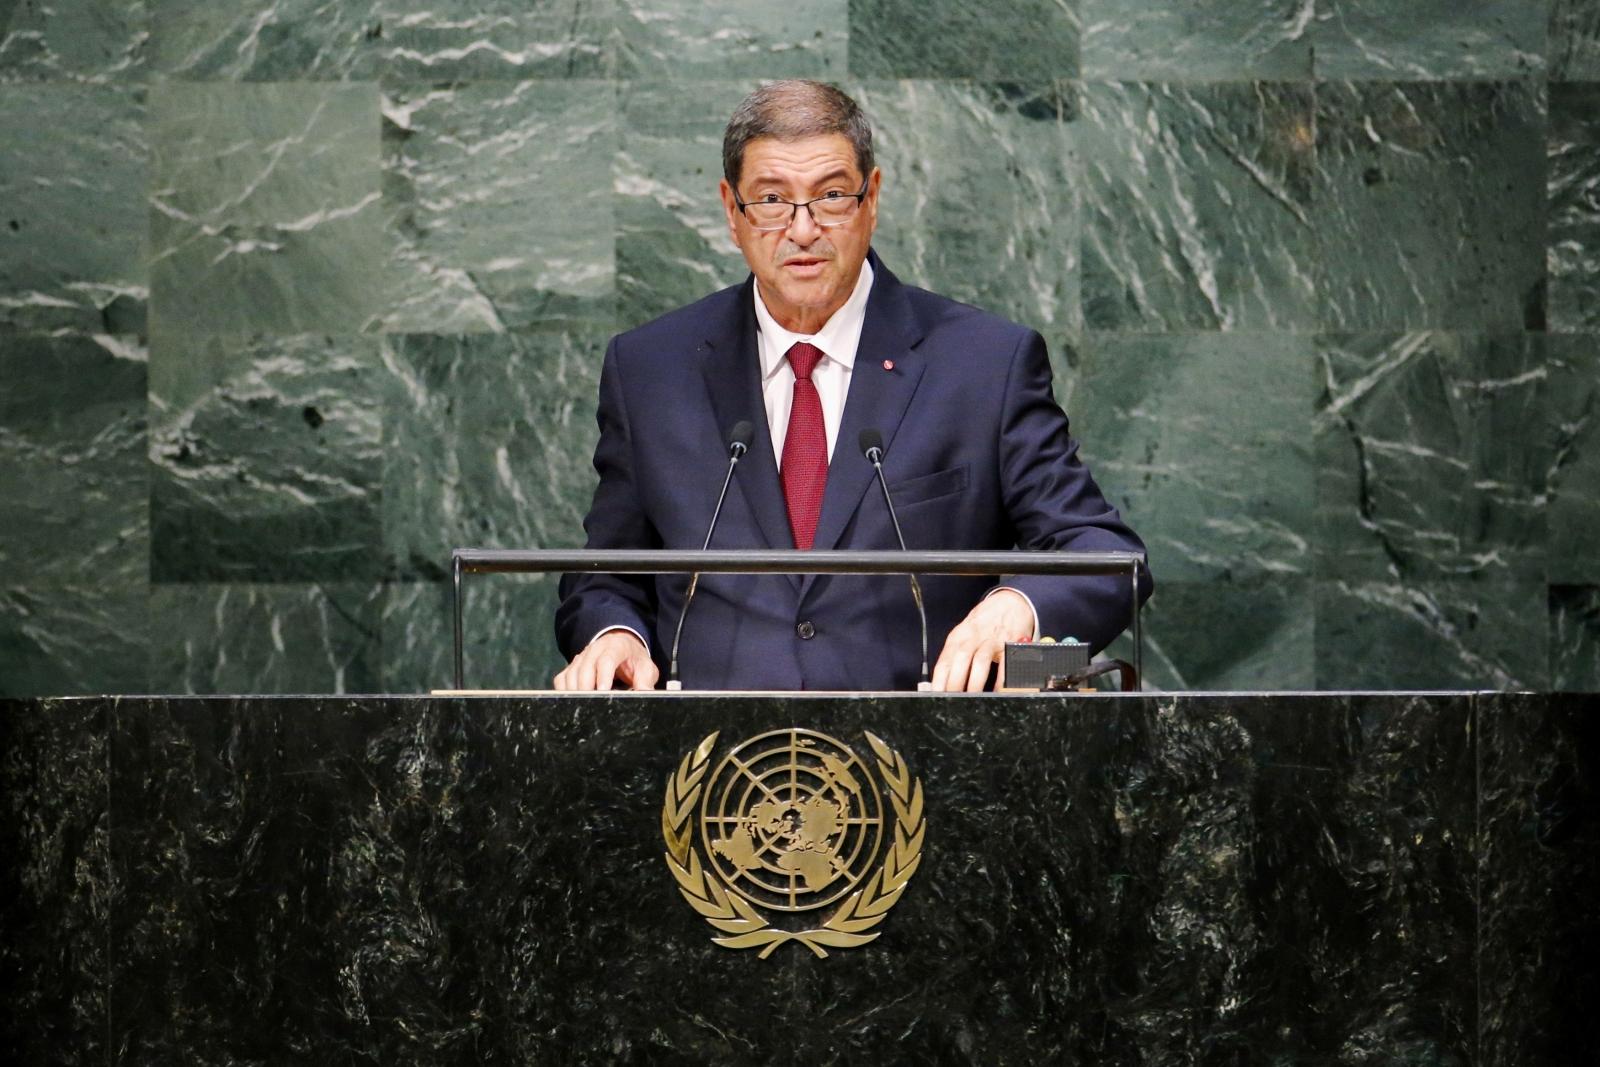 Tunisia Prime Minister